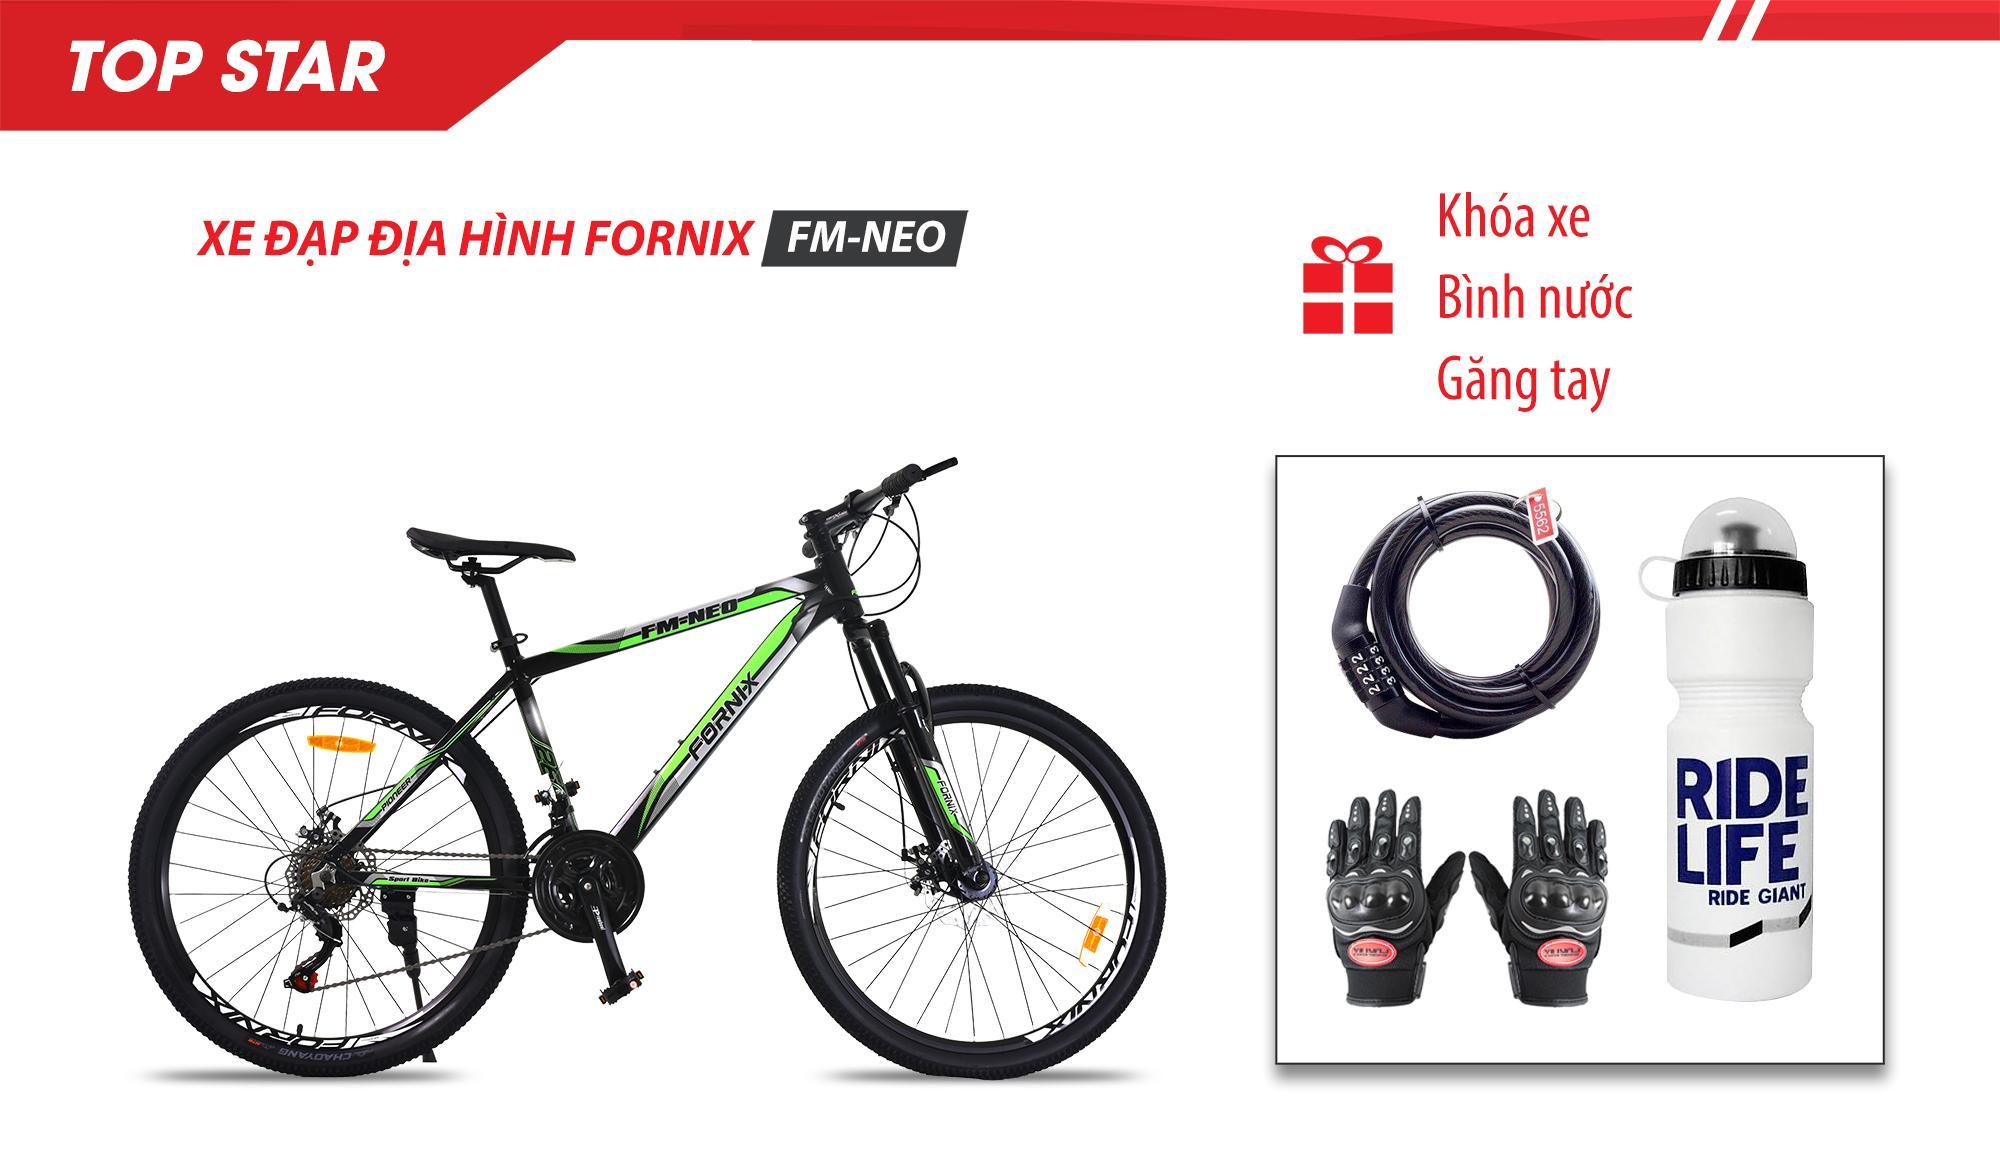 Mua Xe đạp địa hình thể thao FM26- NEO, vòng bánh 26 - Bảo hành 12 tháng + (gift) Găng tay, Bình nước, Khóa xe cao cấp